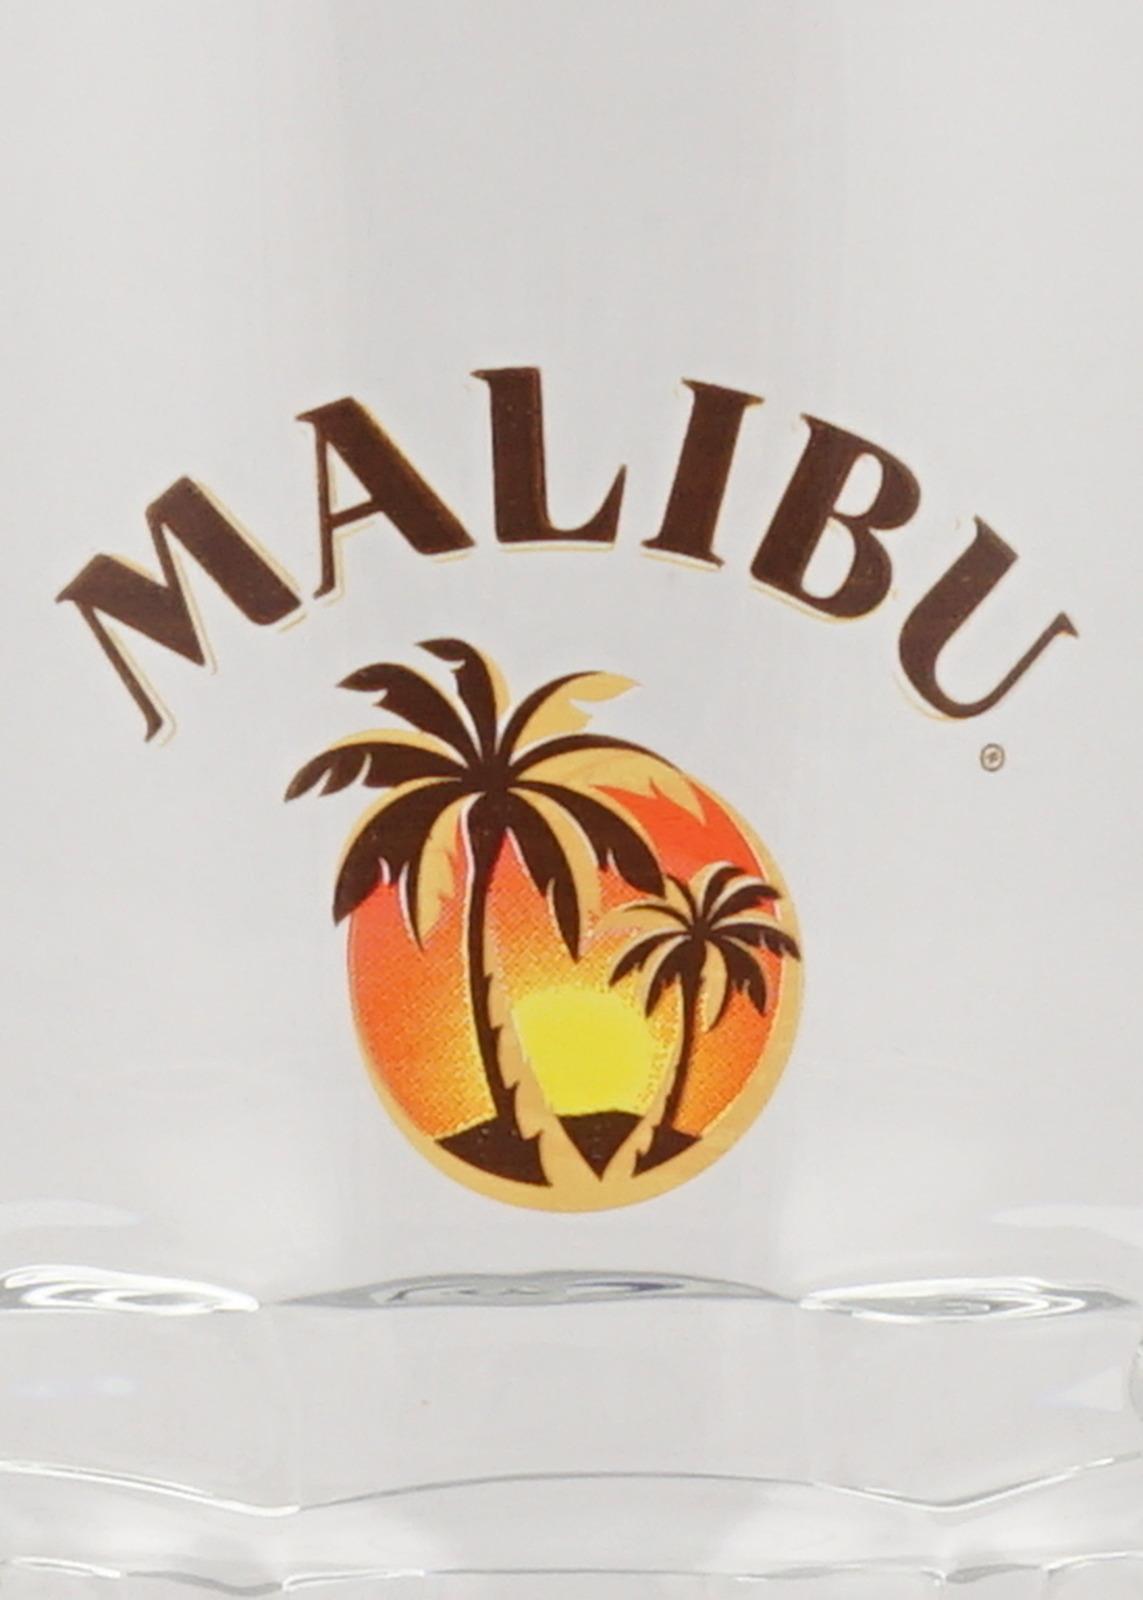 Malibu Mit Was Mischen